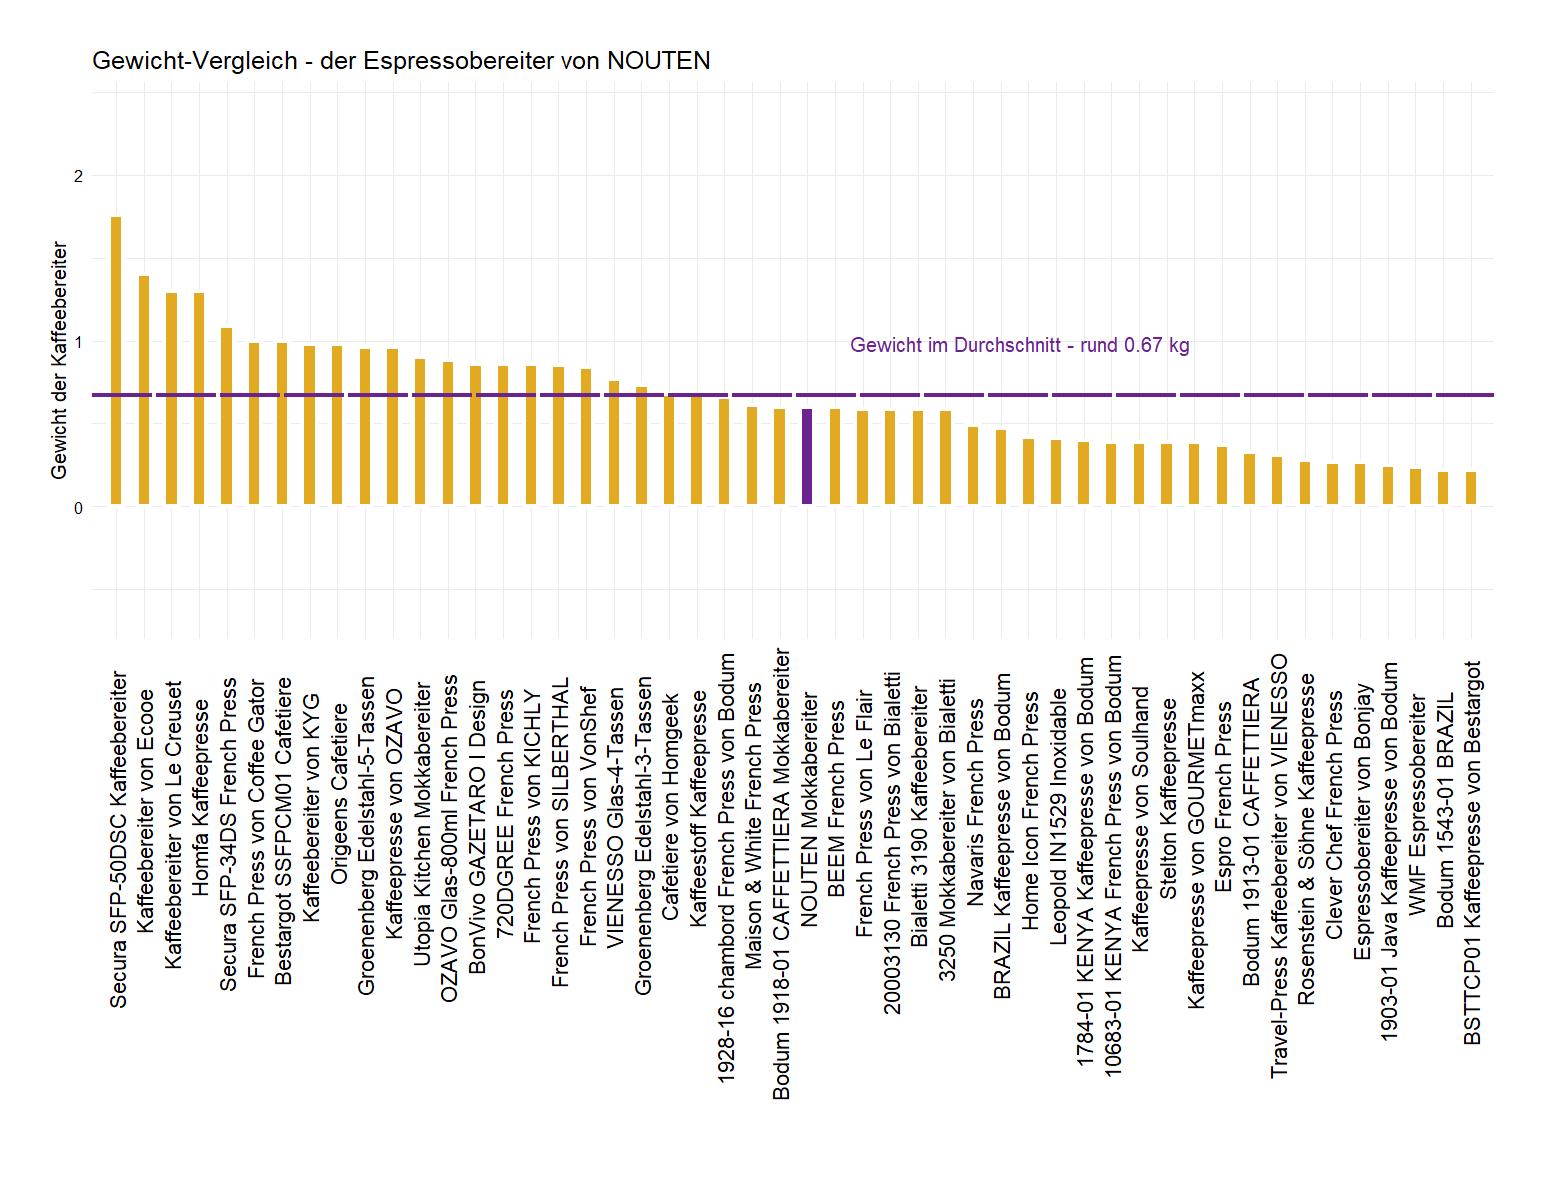 Gewicht-Vergleich von der NOUTEN Kaffeepresse